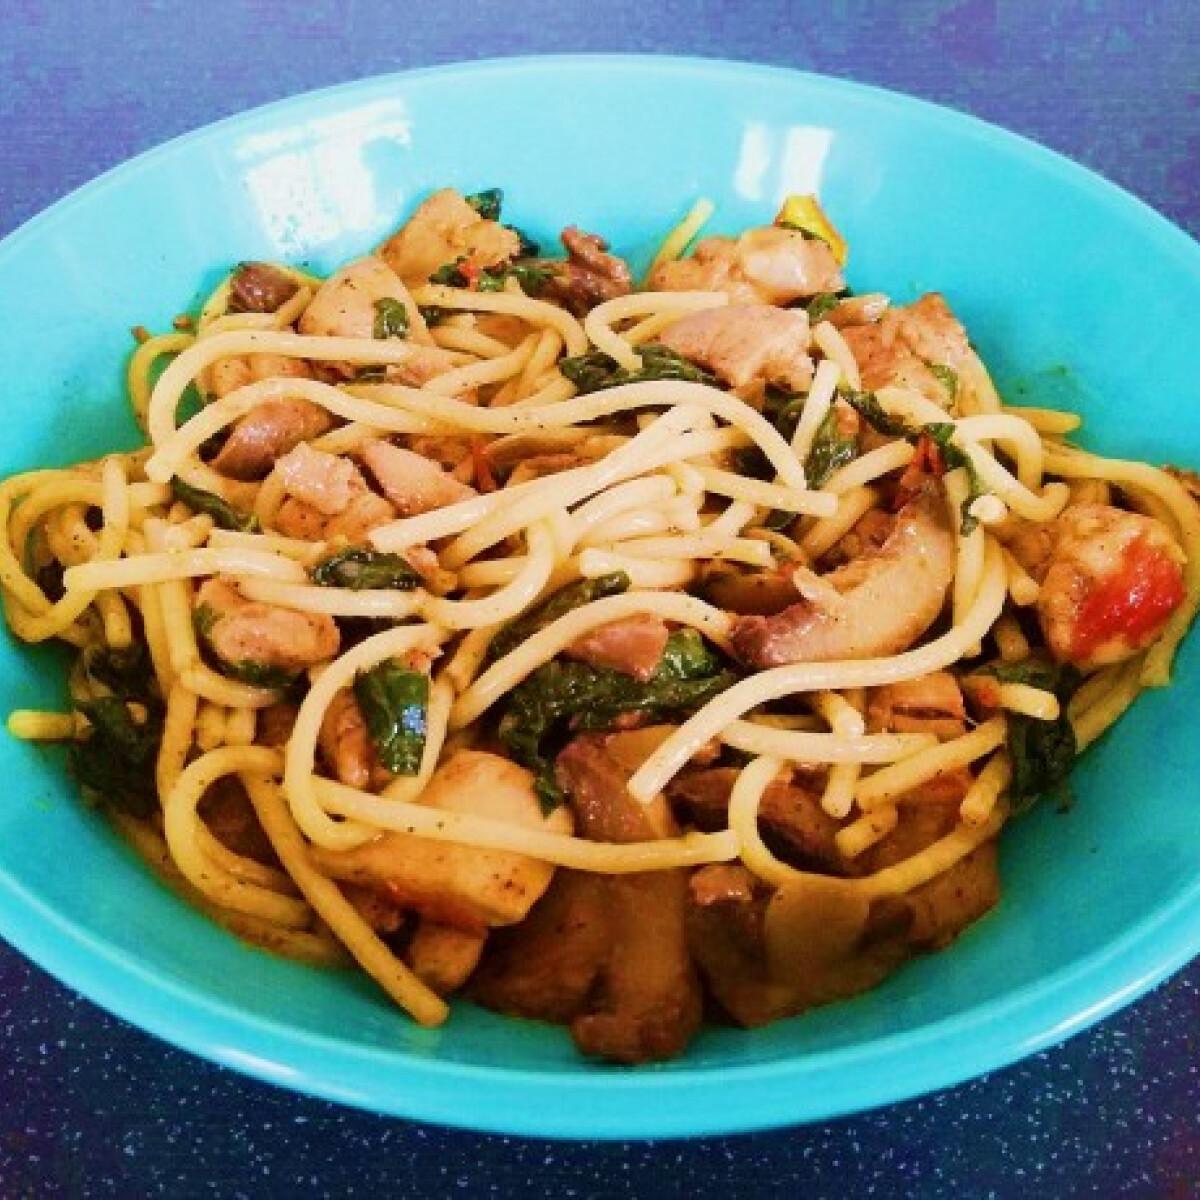 Spenótos-csirkés spagetti olasz módra